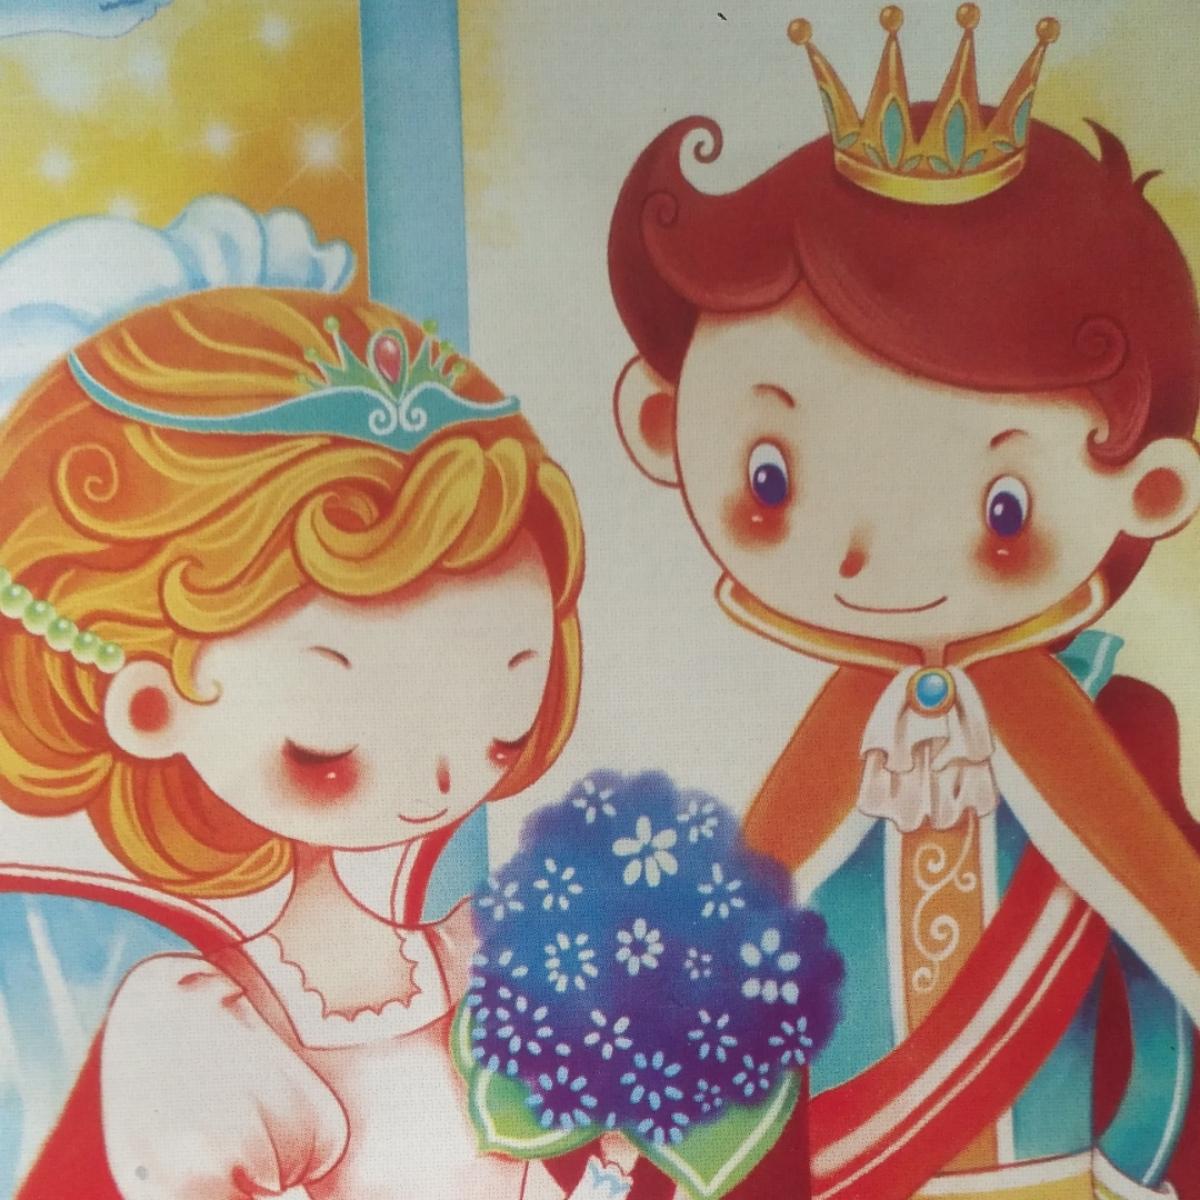 世界经典童话故事《睡美人》